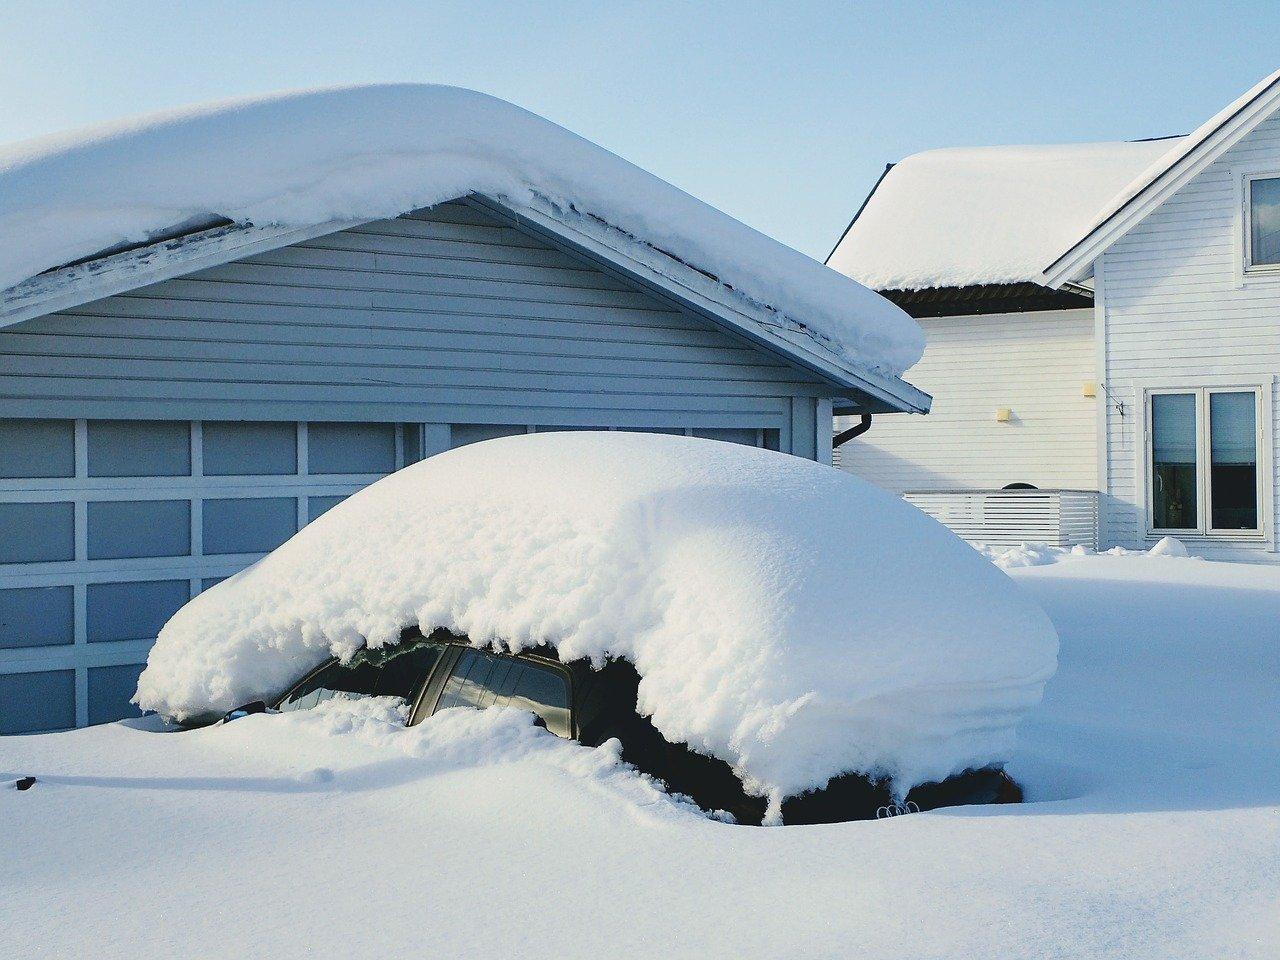 Sníh dá vašemu domu zabrat